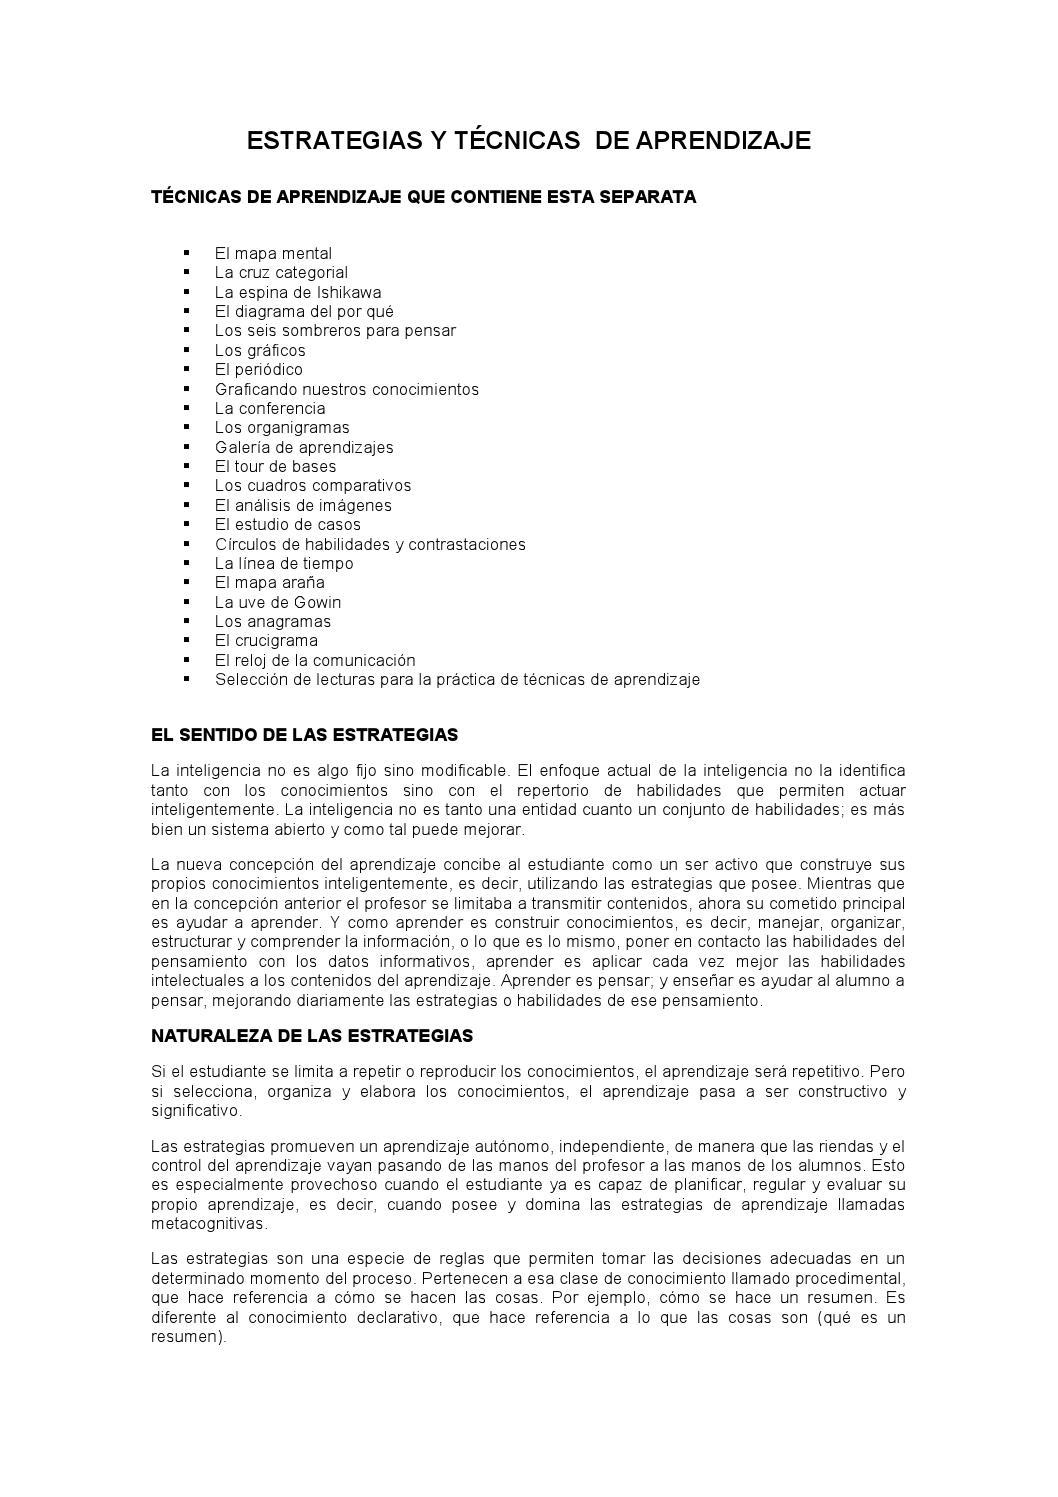 Estrategias y tecnicas de aprendizaje by camacias - issuu